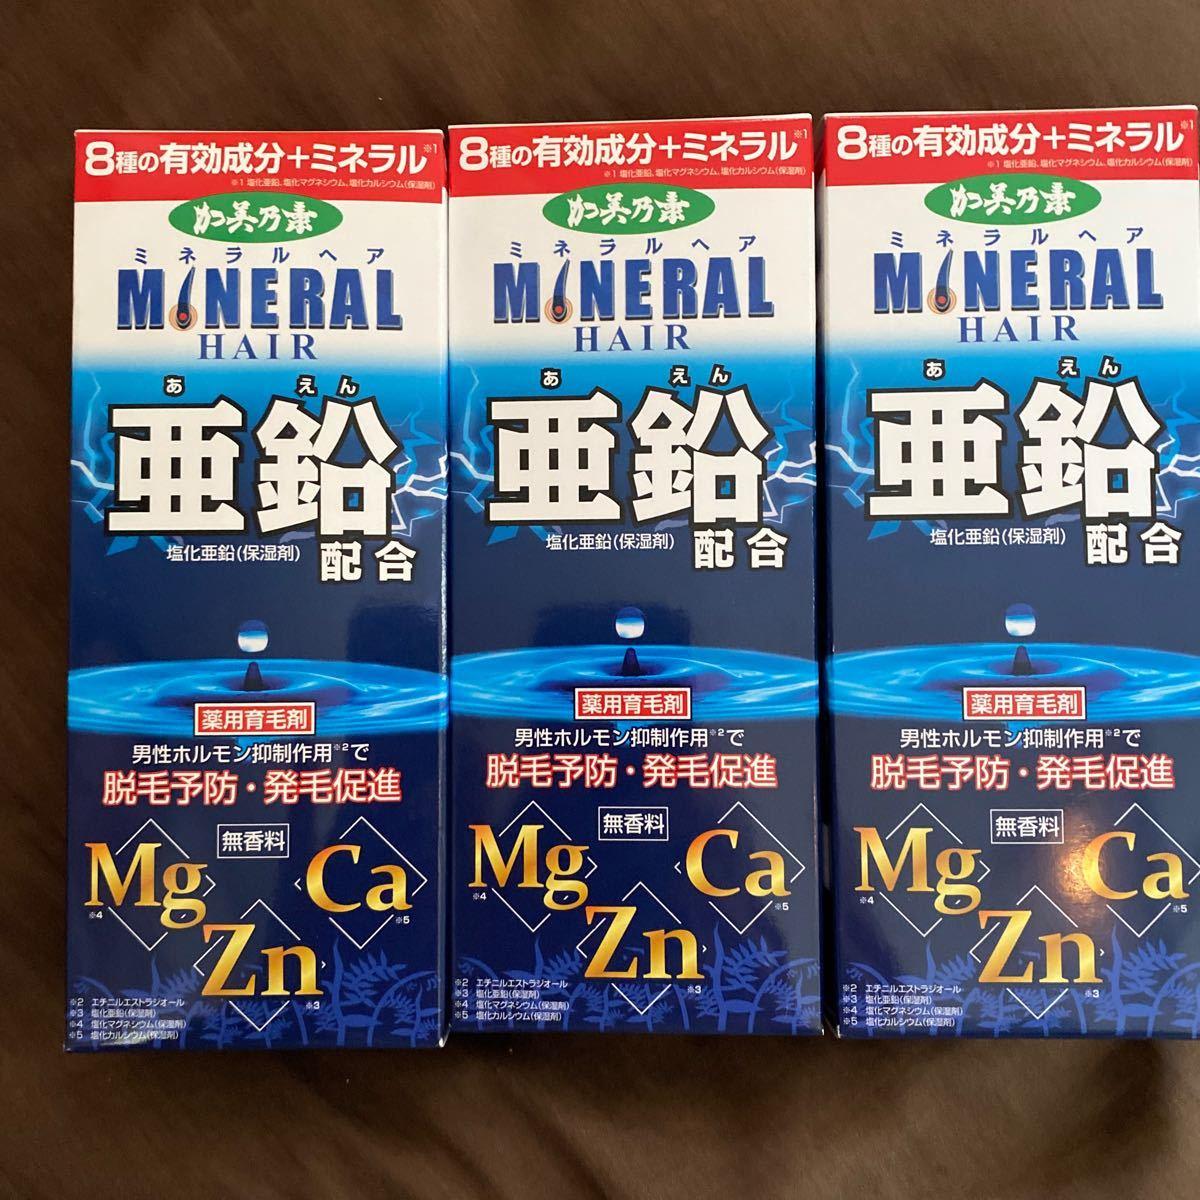 三個!薬用加美乃素 ミネラルヘア育毛剤 無香料 180mL 三個!